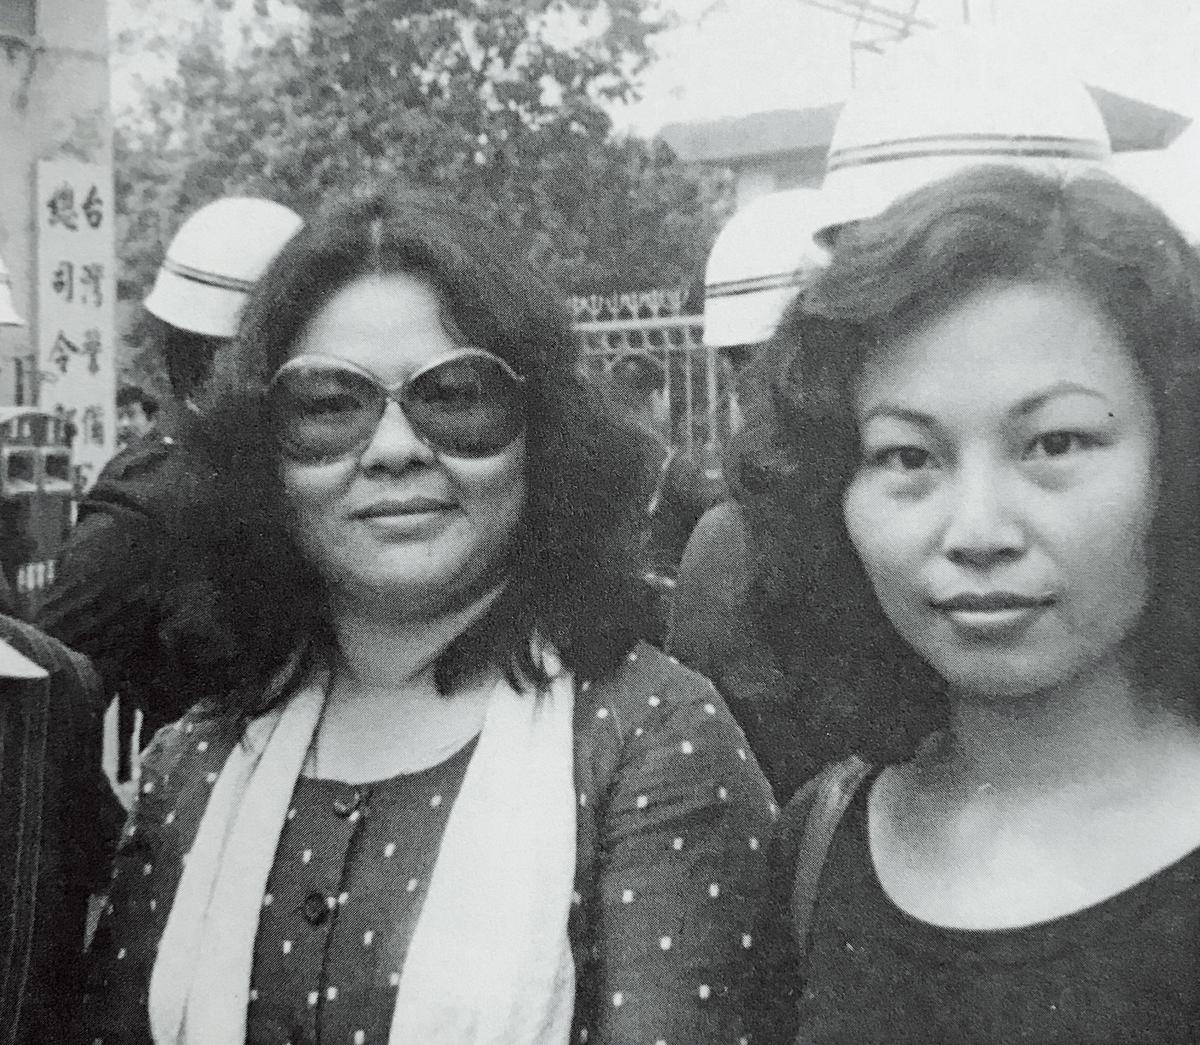 1979年3月,余登發案開庭當天,曾心儀(右)和陳菊(左)在軍法處大門外聚集關心。(翻攝自《反抗的意志:1977-1979美麗島民主運動影像史》)